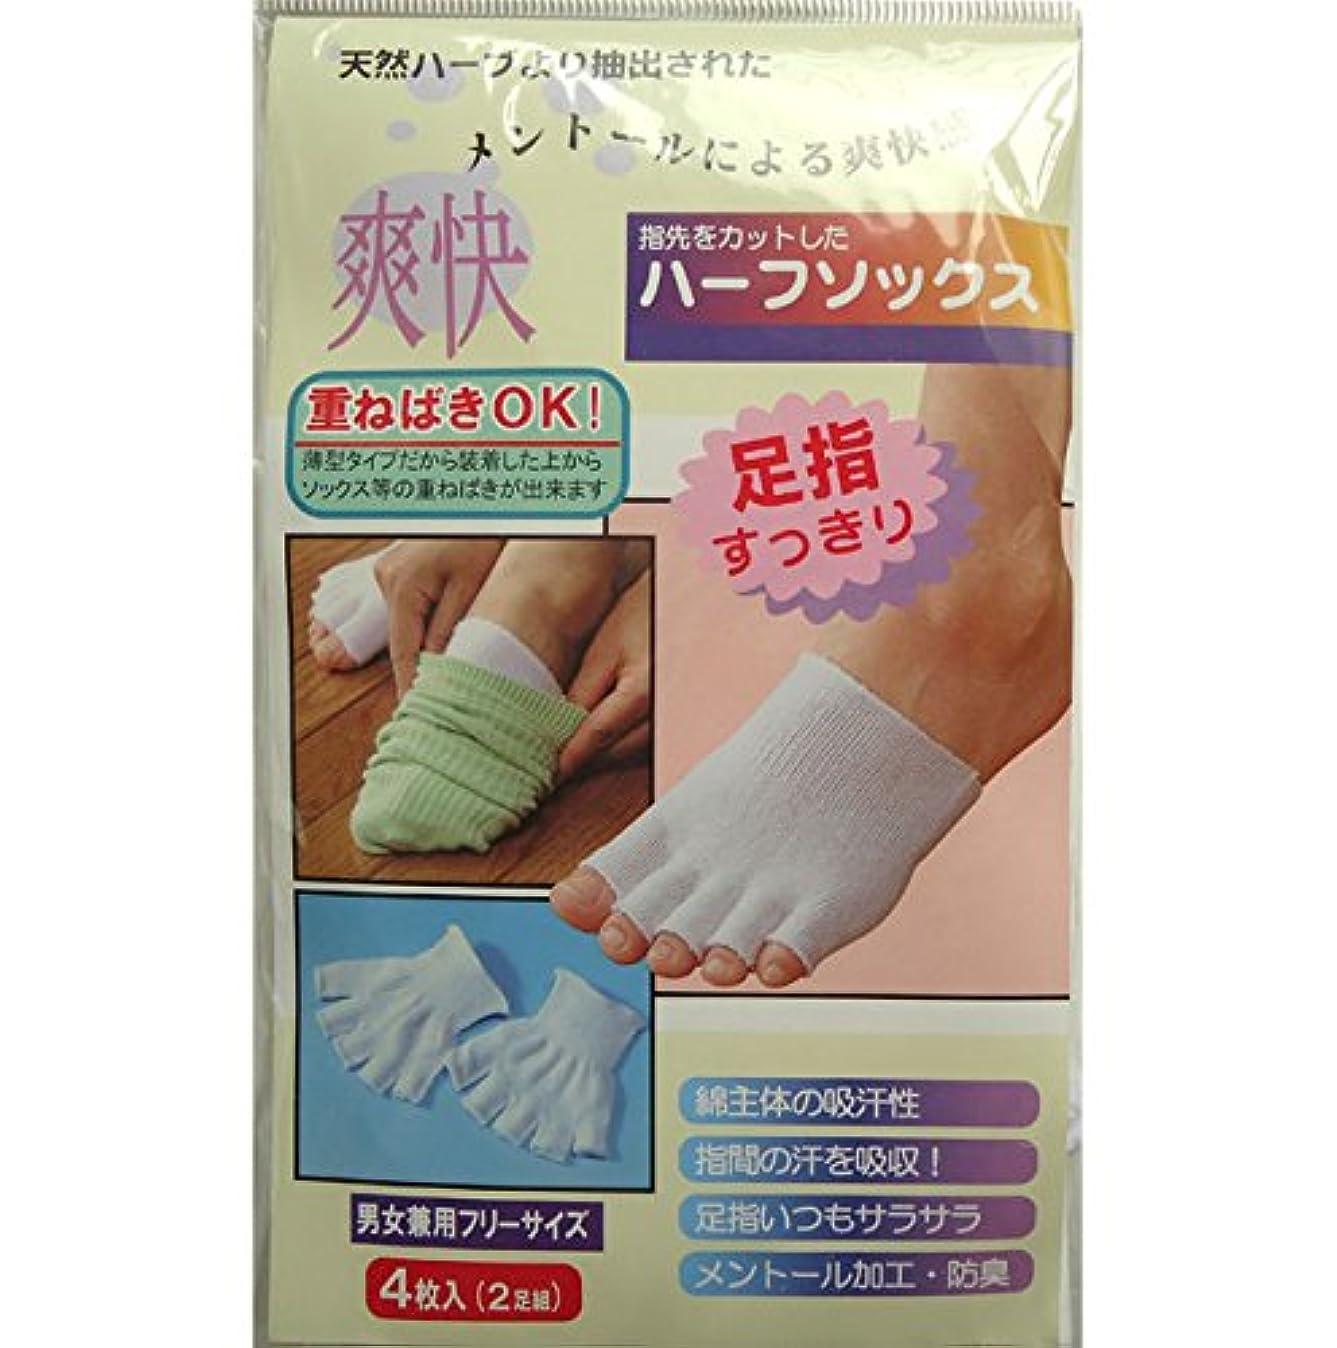 区画あなたのもの頬骨日本製 ハーフソックス 5本指 綿 抗菌防臭 メンズ レディースお買得2足組(ホワイト)